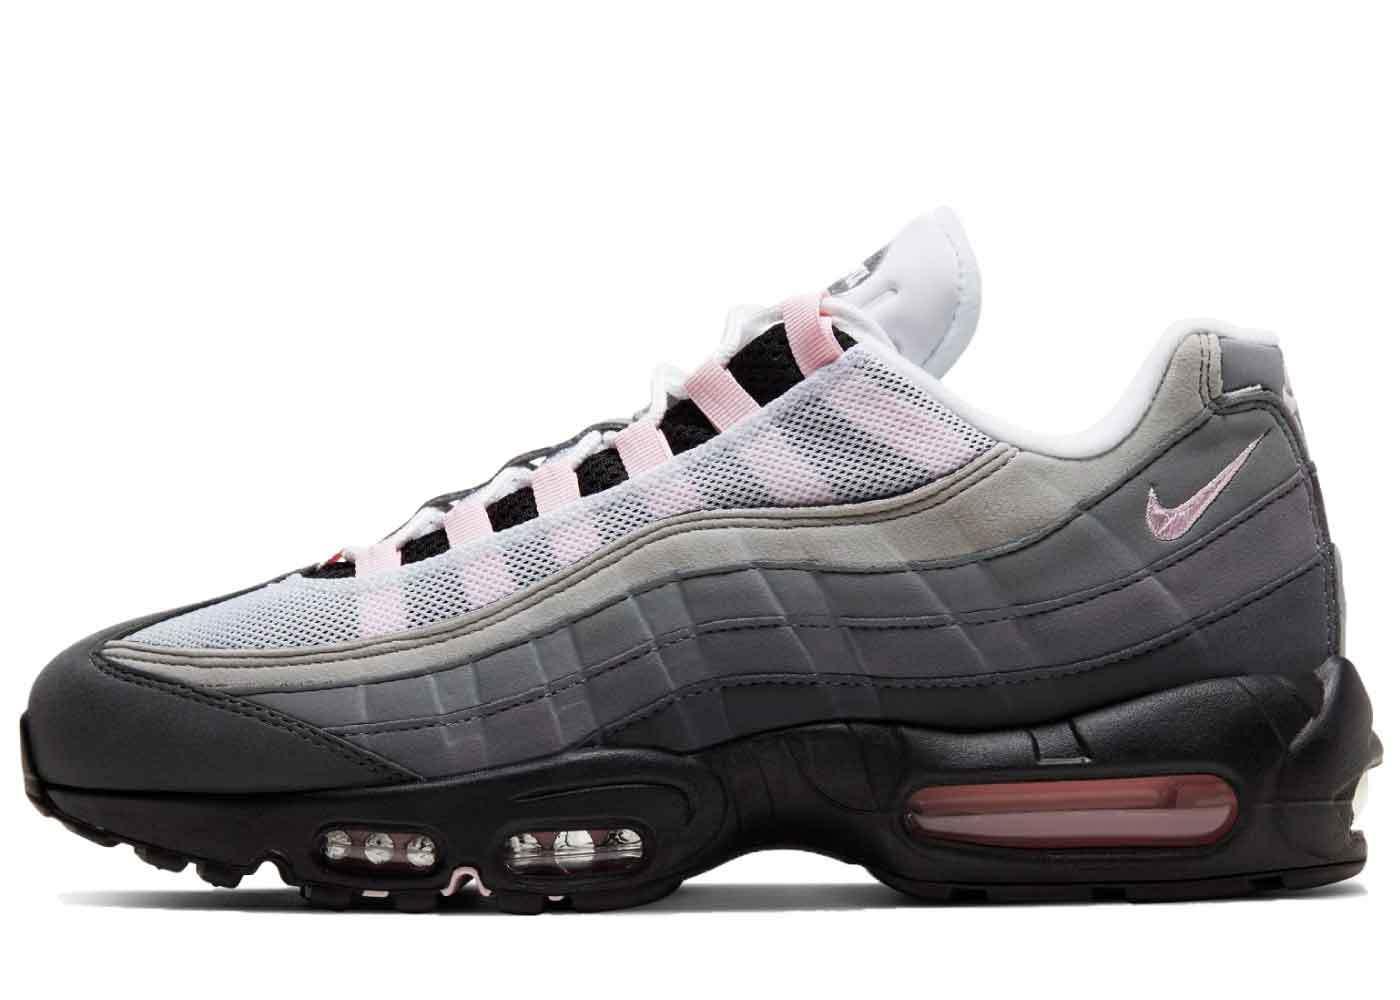 Nike Air Max 95 Pink Foamの写真